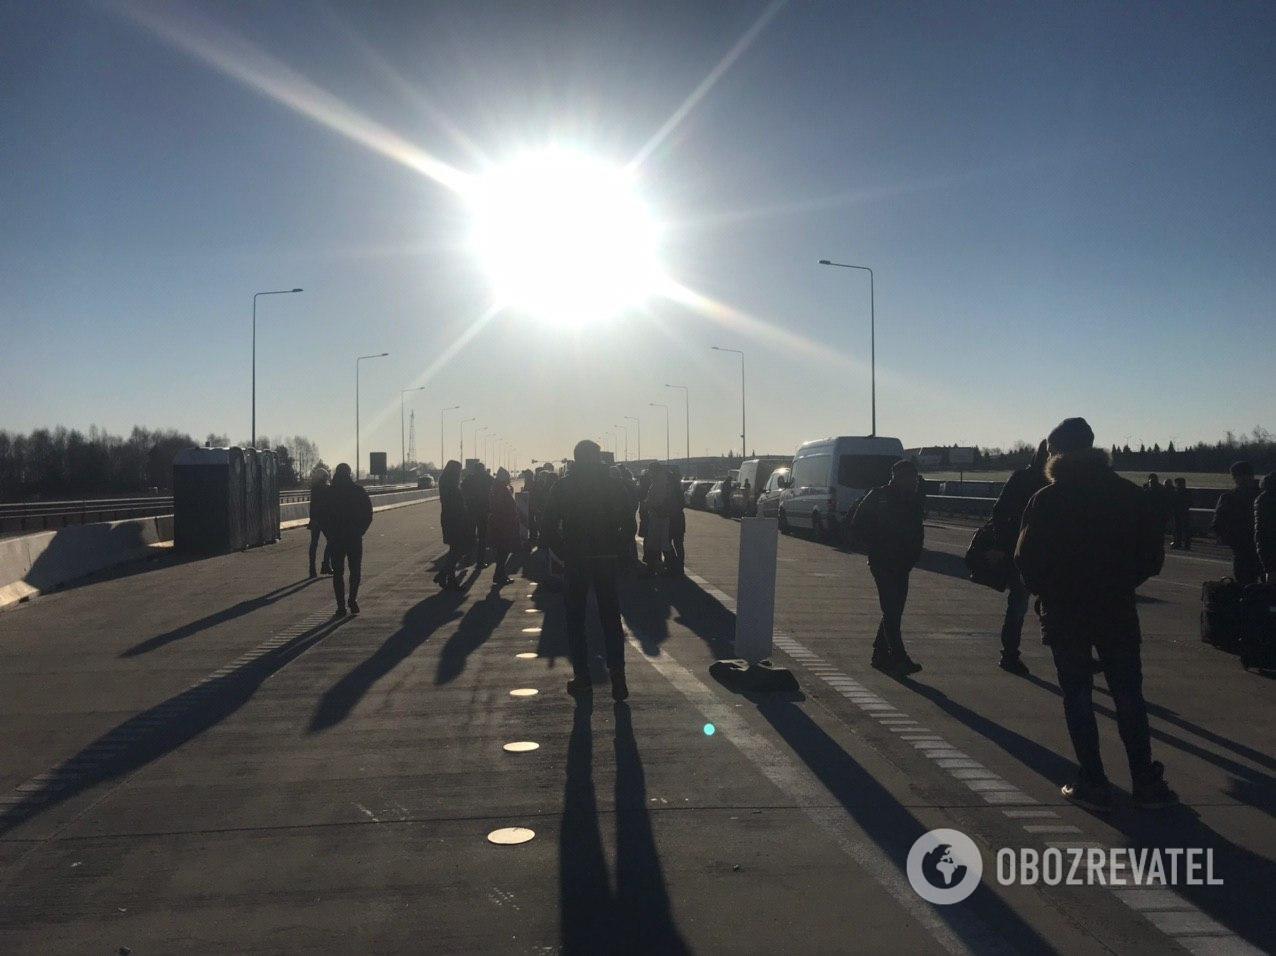 Українці влаштували страйк на польському кордоні / Фото: obozrevatel.com